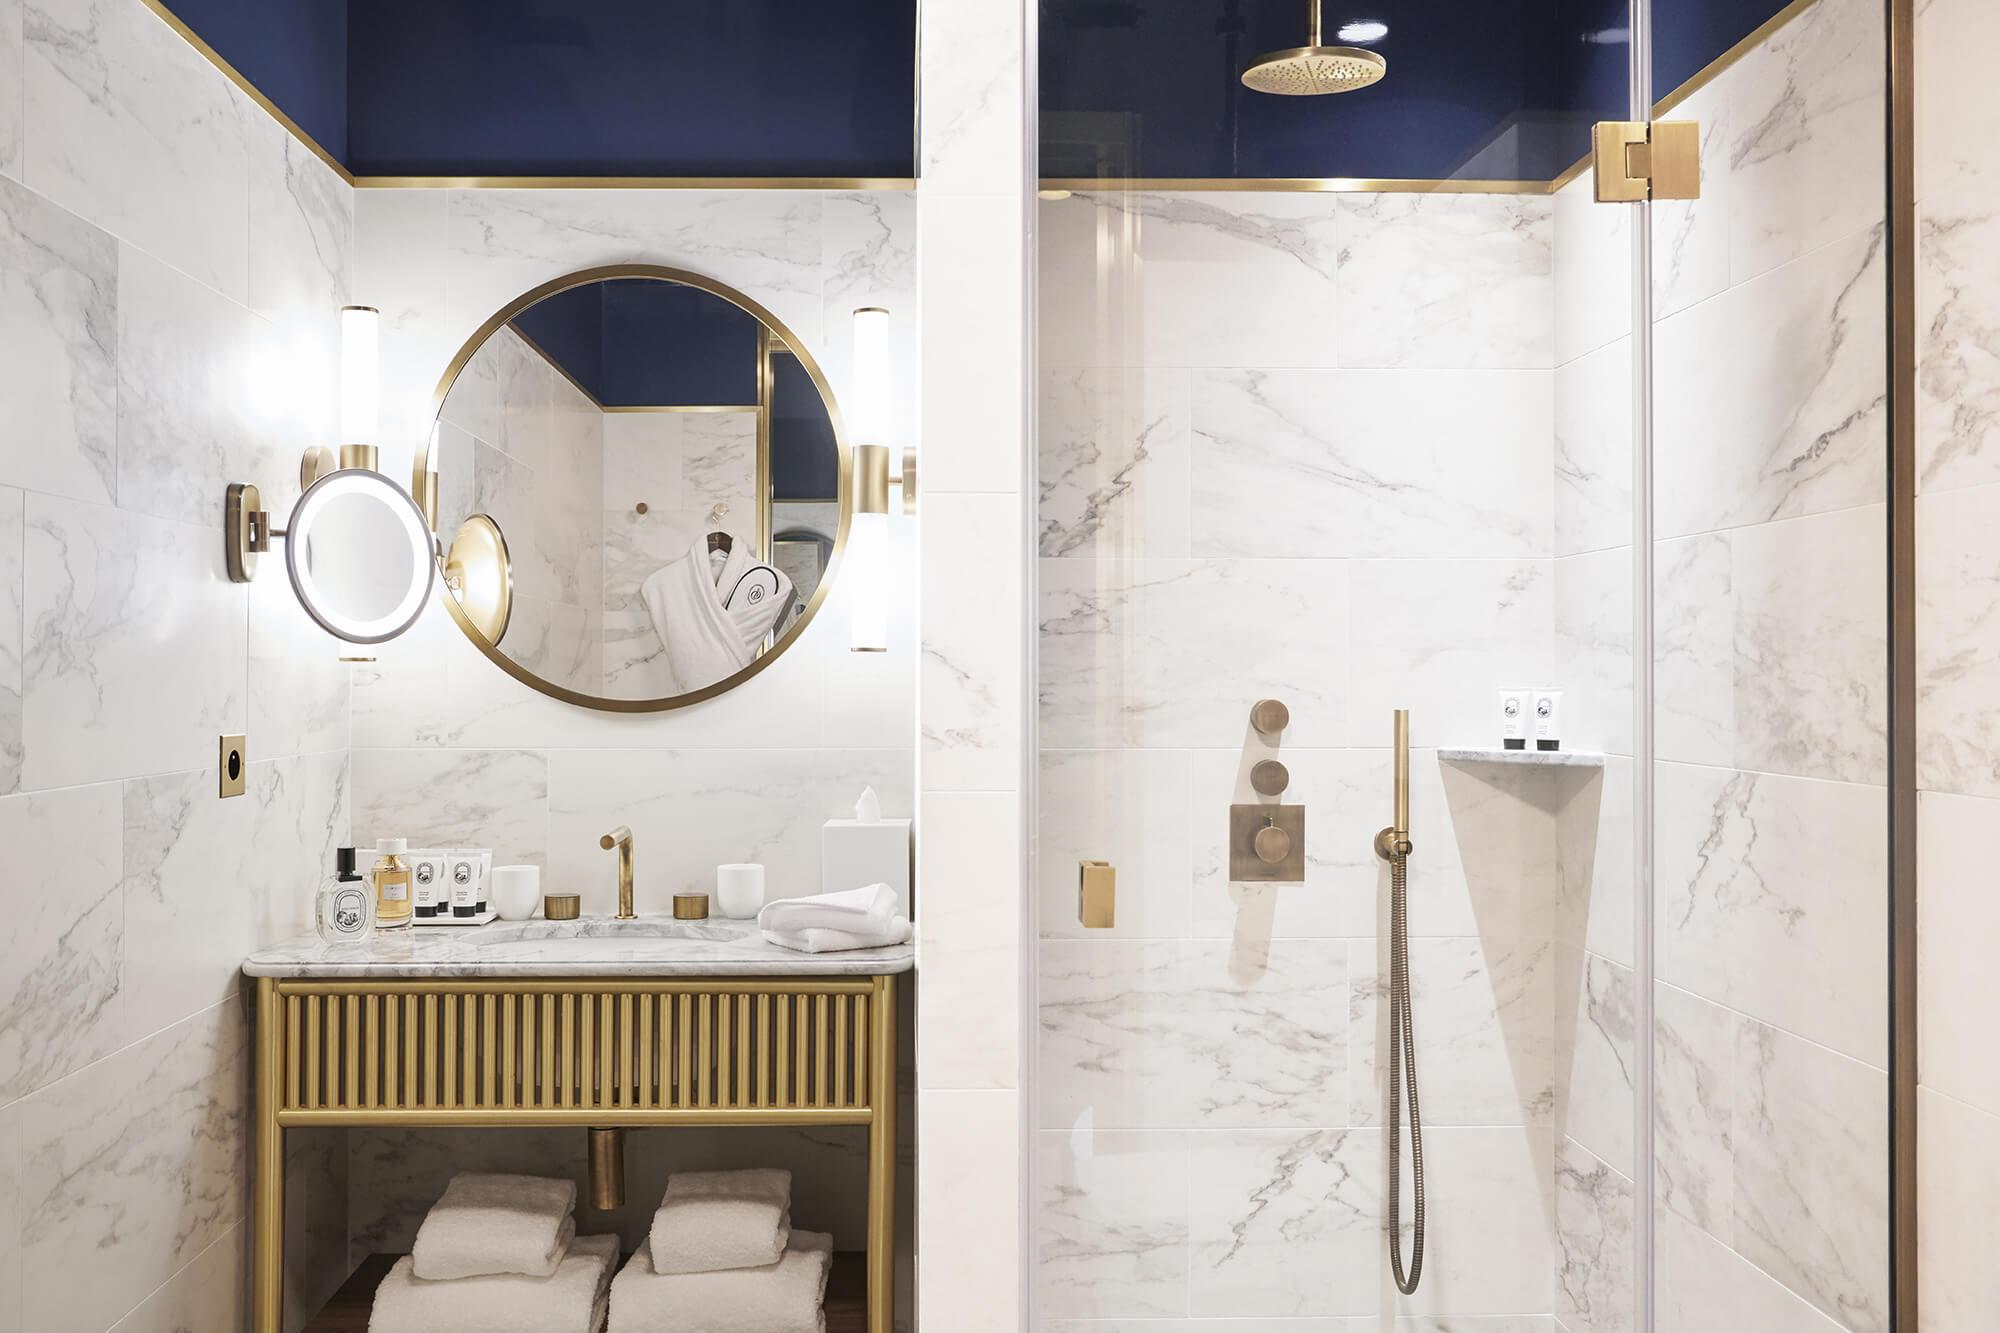 Chambre Supérieure, salle de bain bleu, Grand Powers, hôtel, Paris 8ème